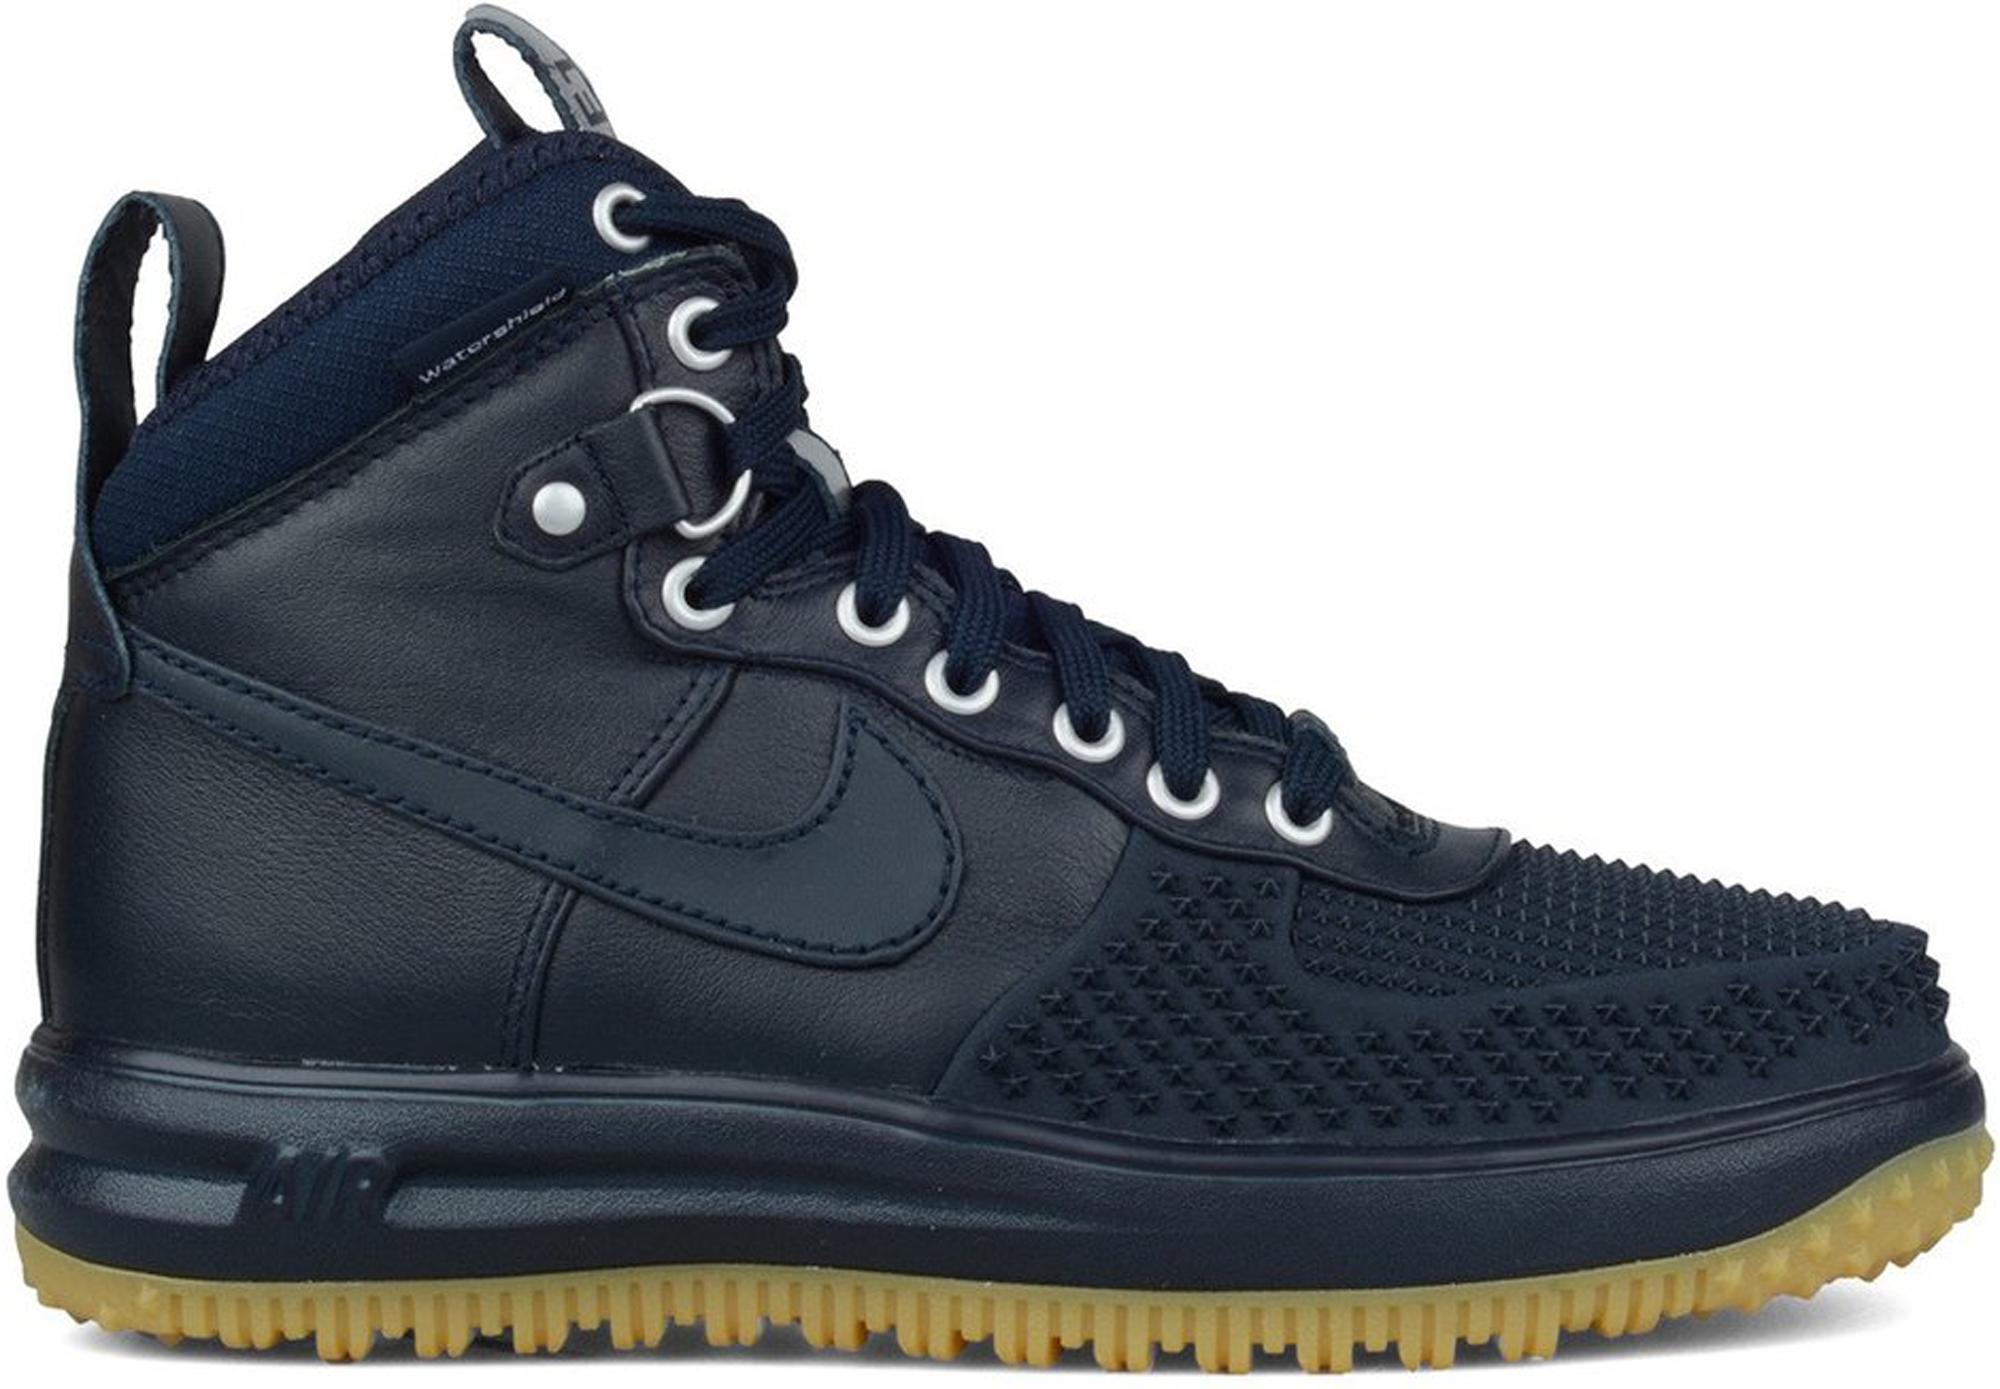 1ff74c1bd636 Nike-Lunar-Force-1-Duckboot-Dark-Obsidian.png fitu003dfillu0026bgu003dFFFFFFu0026wu003d700u0026hu003d500u0026autou003dformat